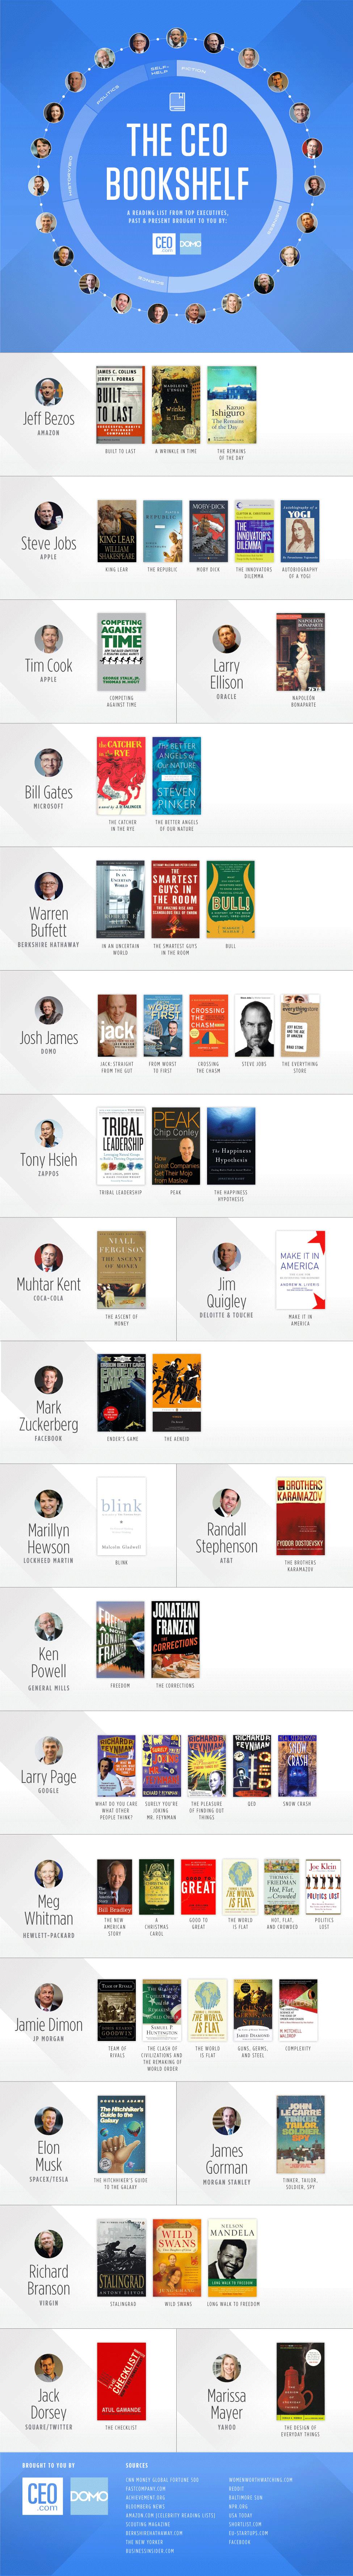 CEO Favorite Books